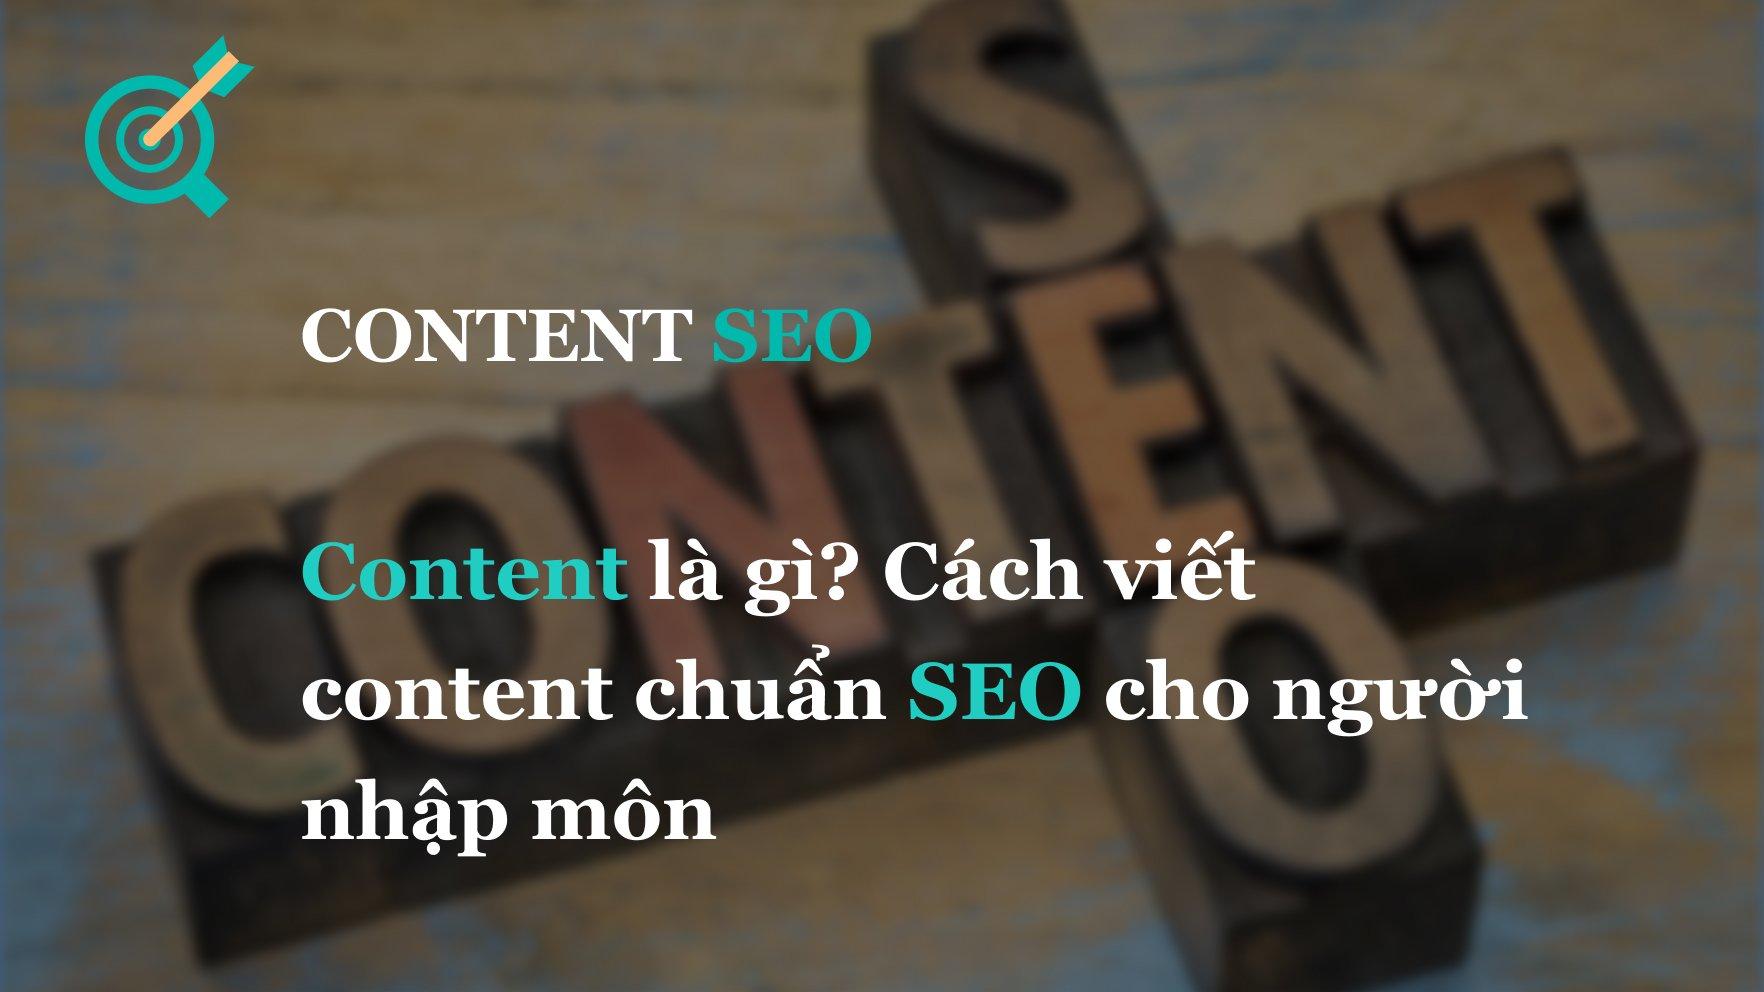 Content là gì? Cách viết content chuẩn SEO cho người nhập môn